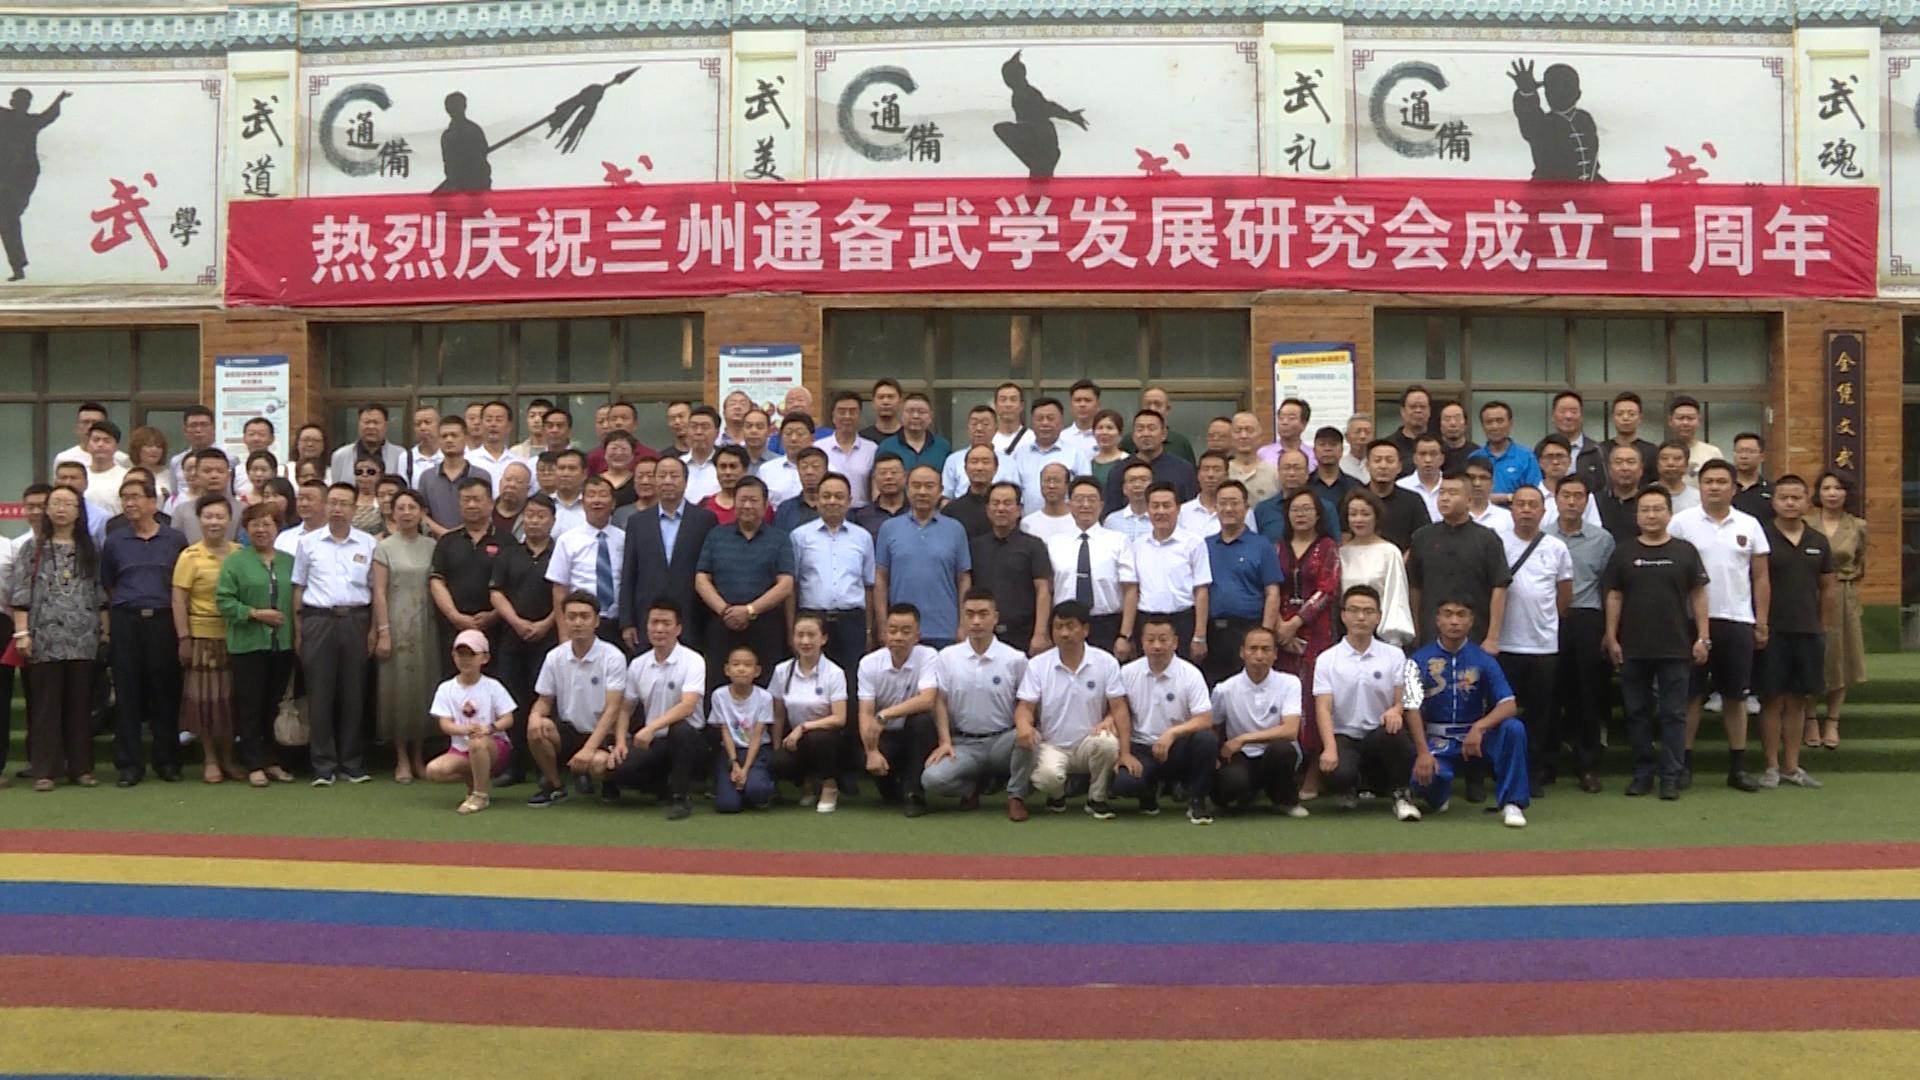 兰州通备武学发展研究会十周年庆典活动隆重举行